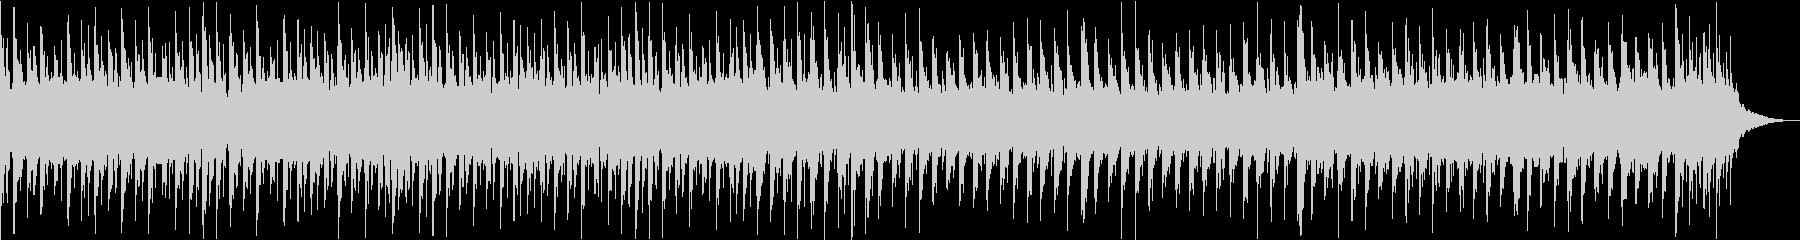 三味線/テクノ/アップテンポ(1分)の未再生の波形